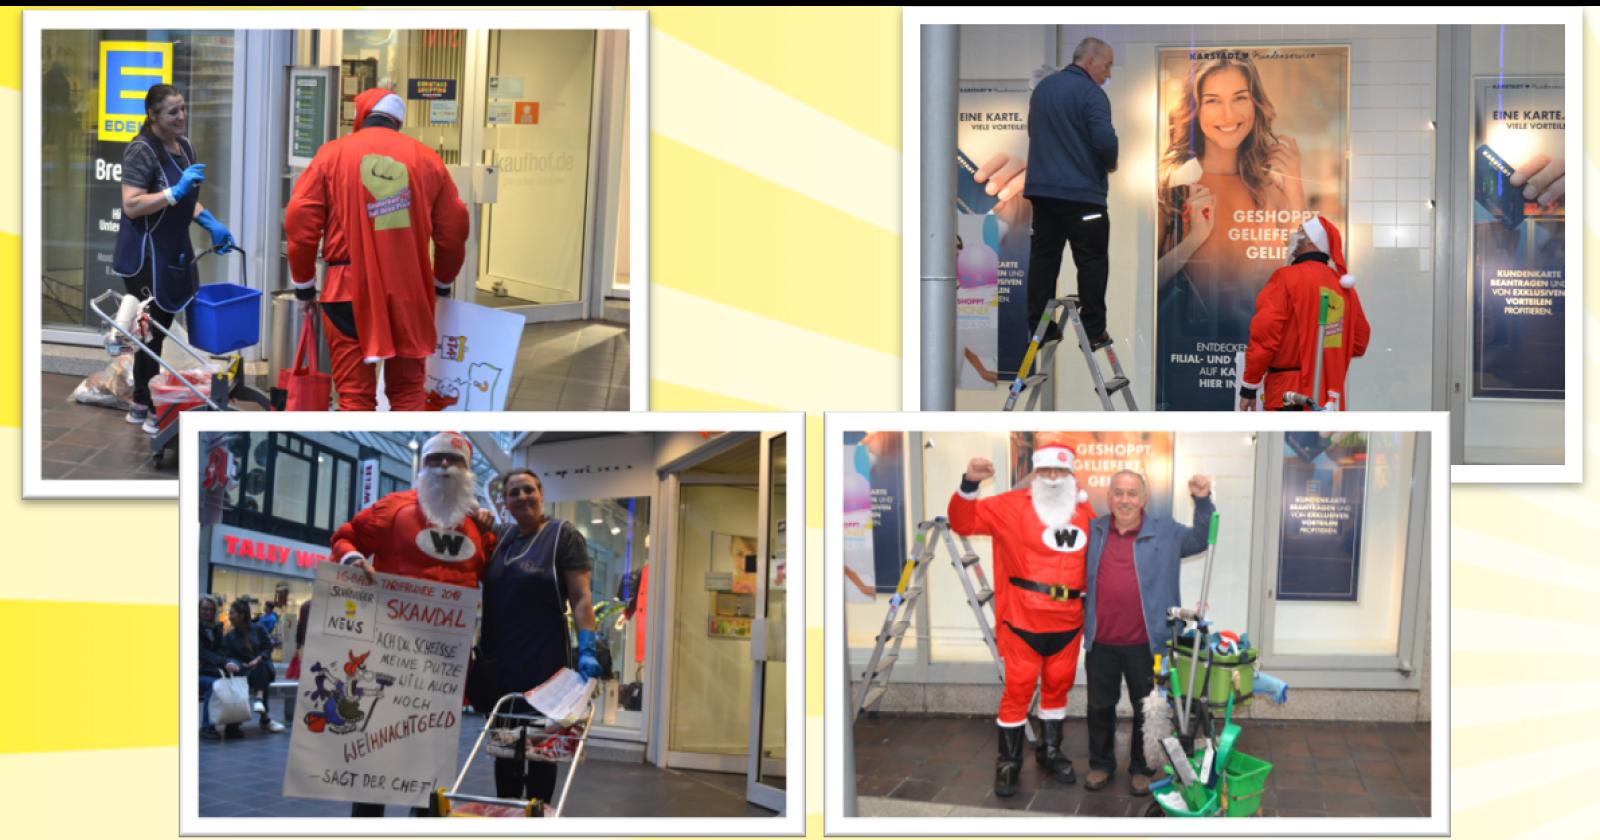 Überraschungsbesuch in Bremen – Weihnachtsmän traf Beschäftigte von Peterhoff und Zabel in der Lloyd-Passage